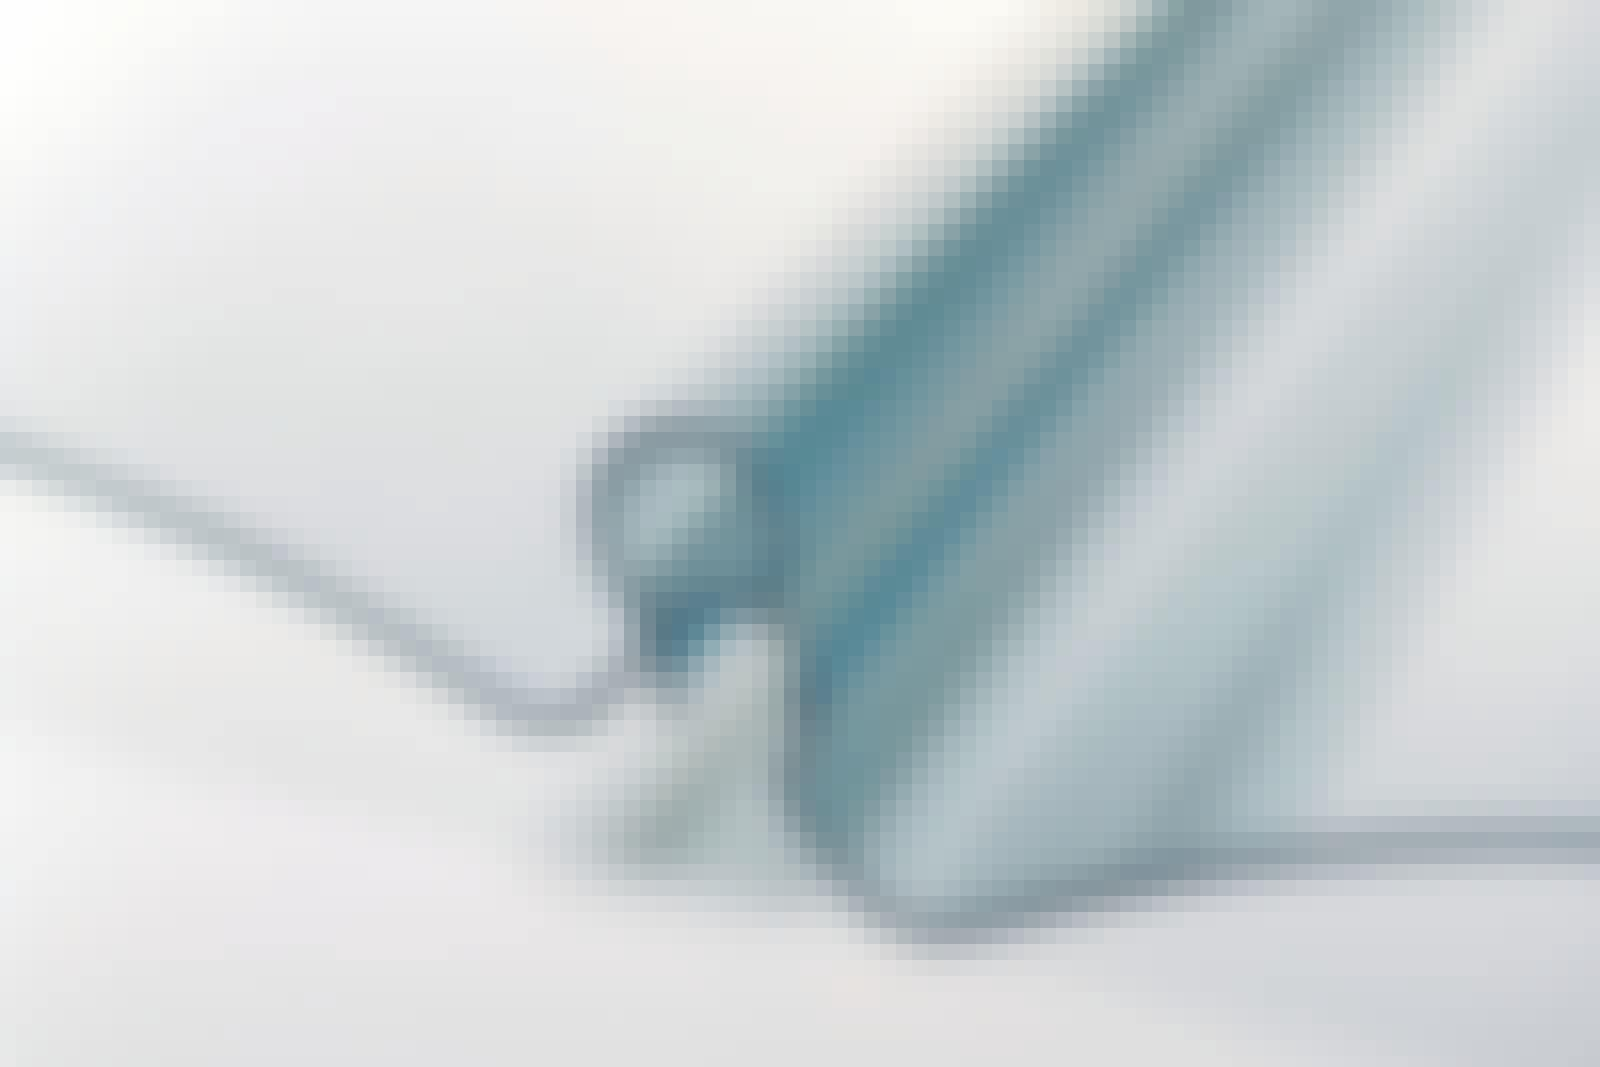 Fastlock-plader: Samlemetode